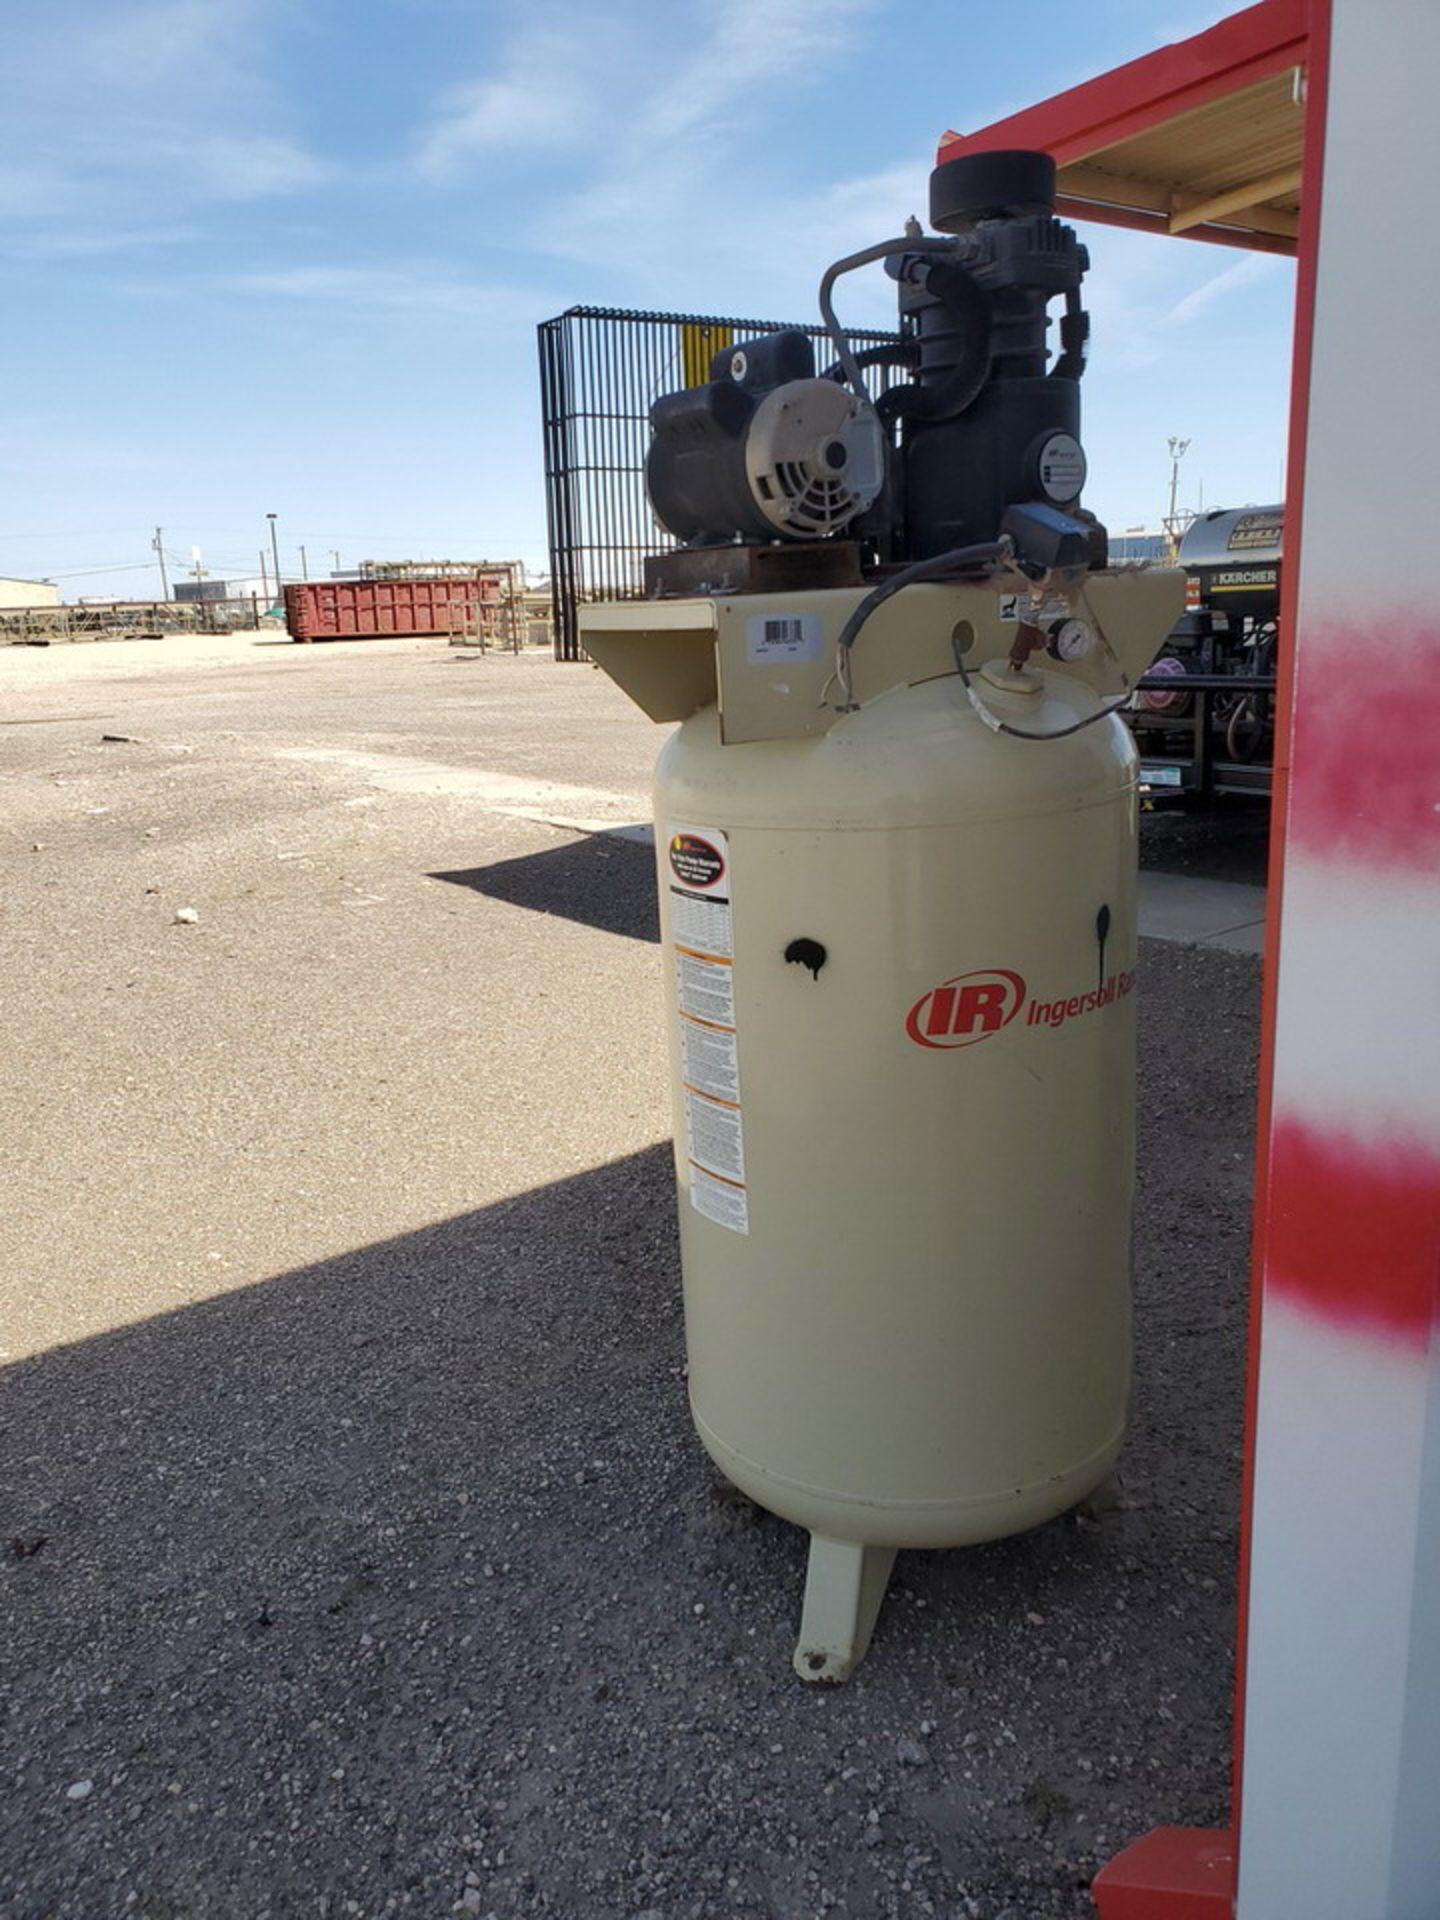 IR TS4N5 Air Compressor 230V, 1PH, 60HZ, MAWP-175psi